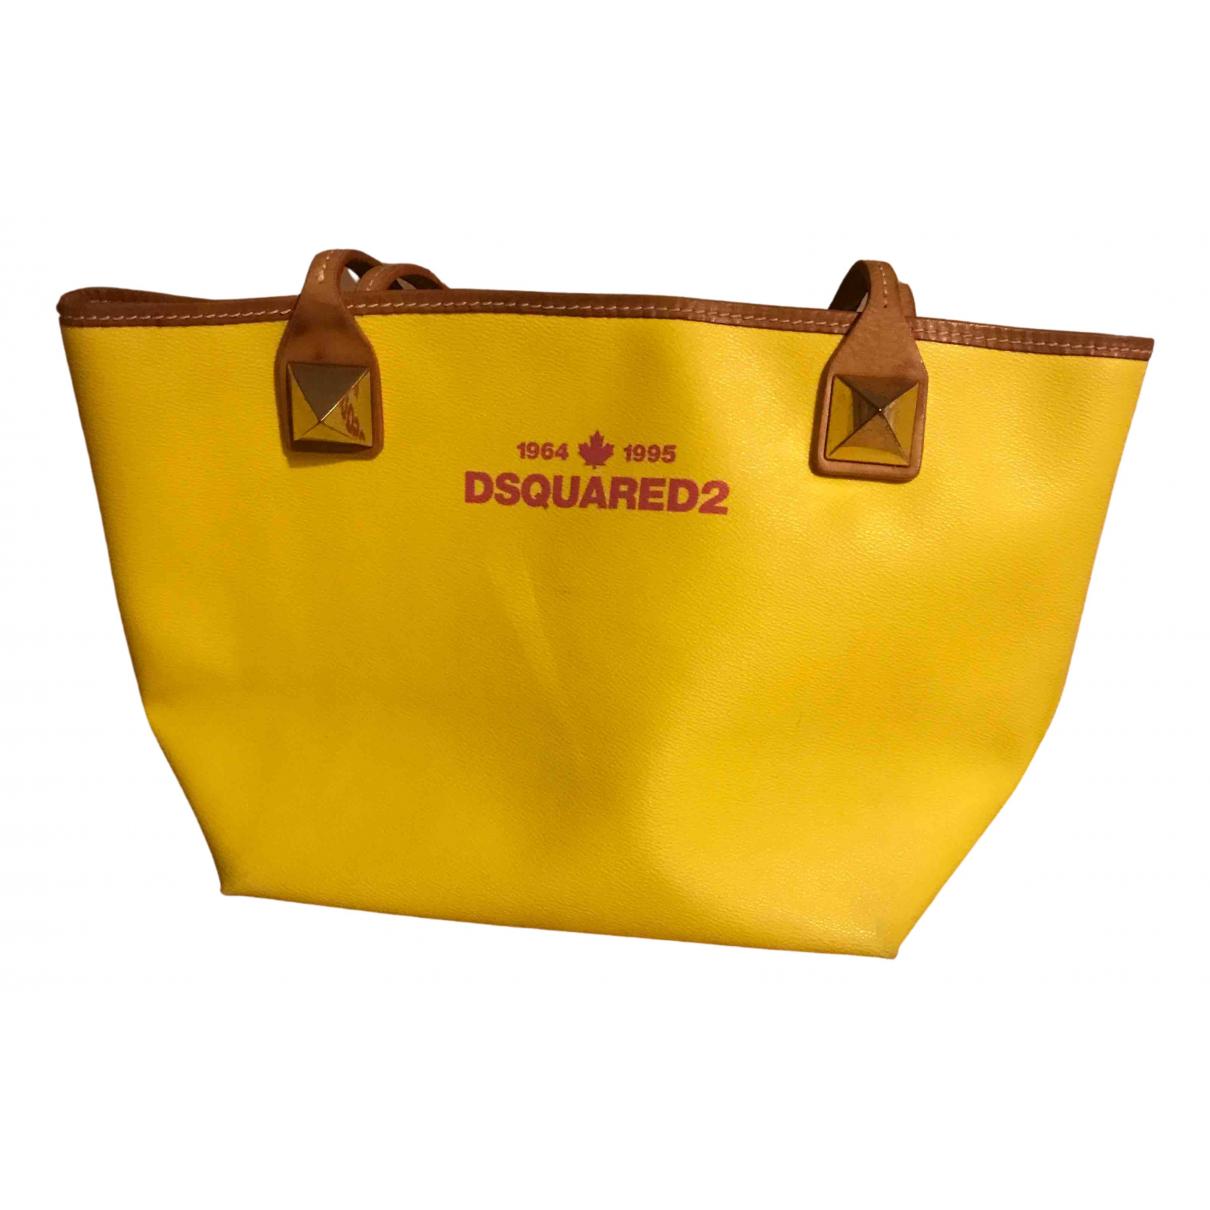 Dsquared2 - Sac de voyage   pour femme en cuir - jaune